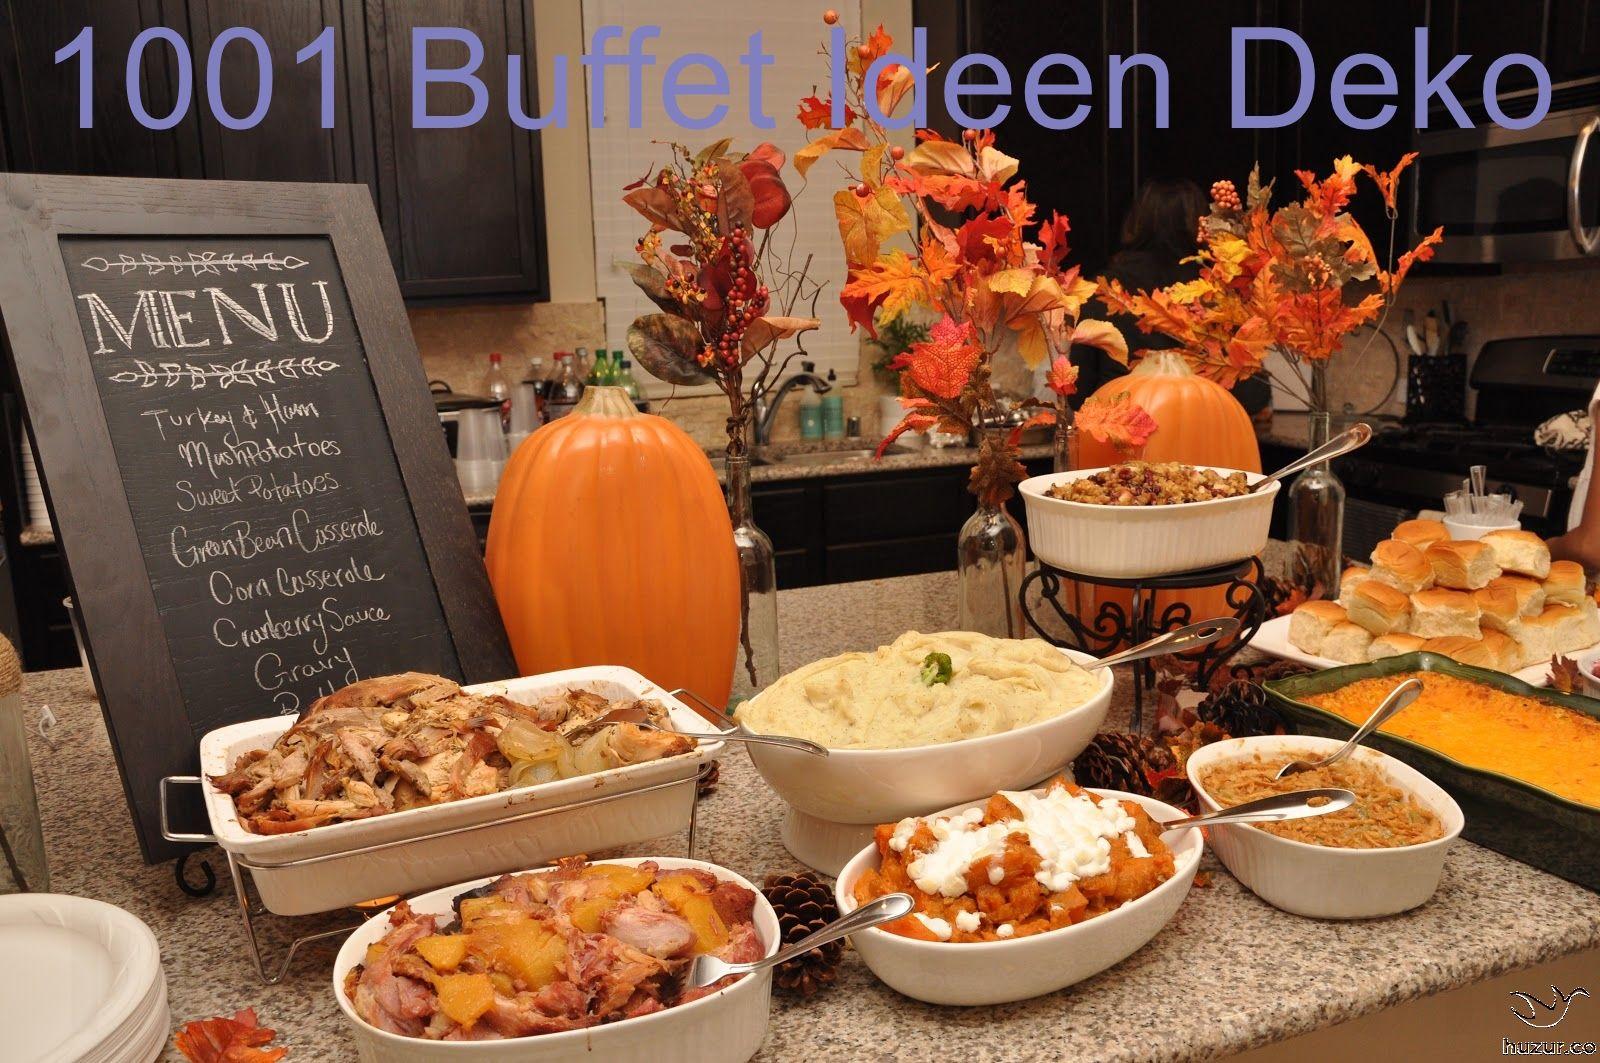 1001 Buffet Ideen Deko In 2020 Thanksgiving Dinner Thanksgiving Dinner Table Setting Thanksgiving Buffet Table